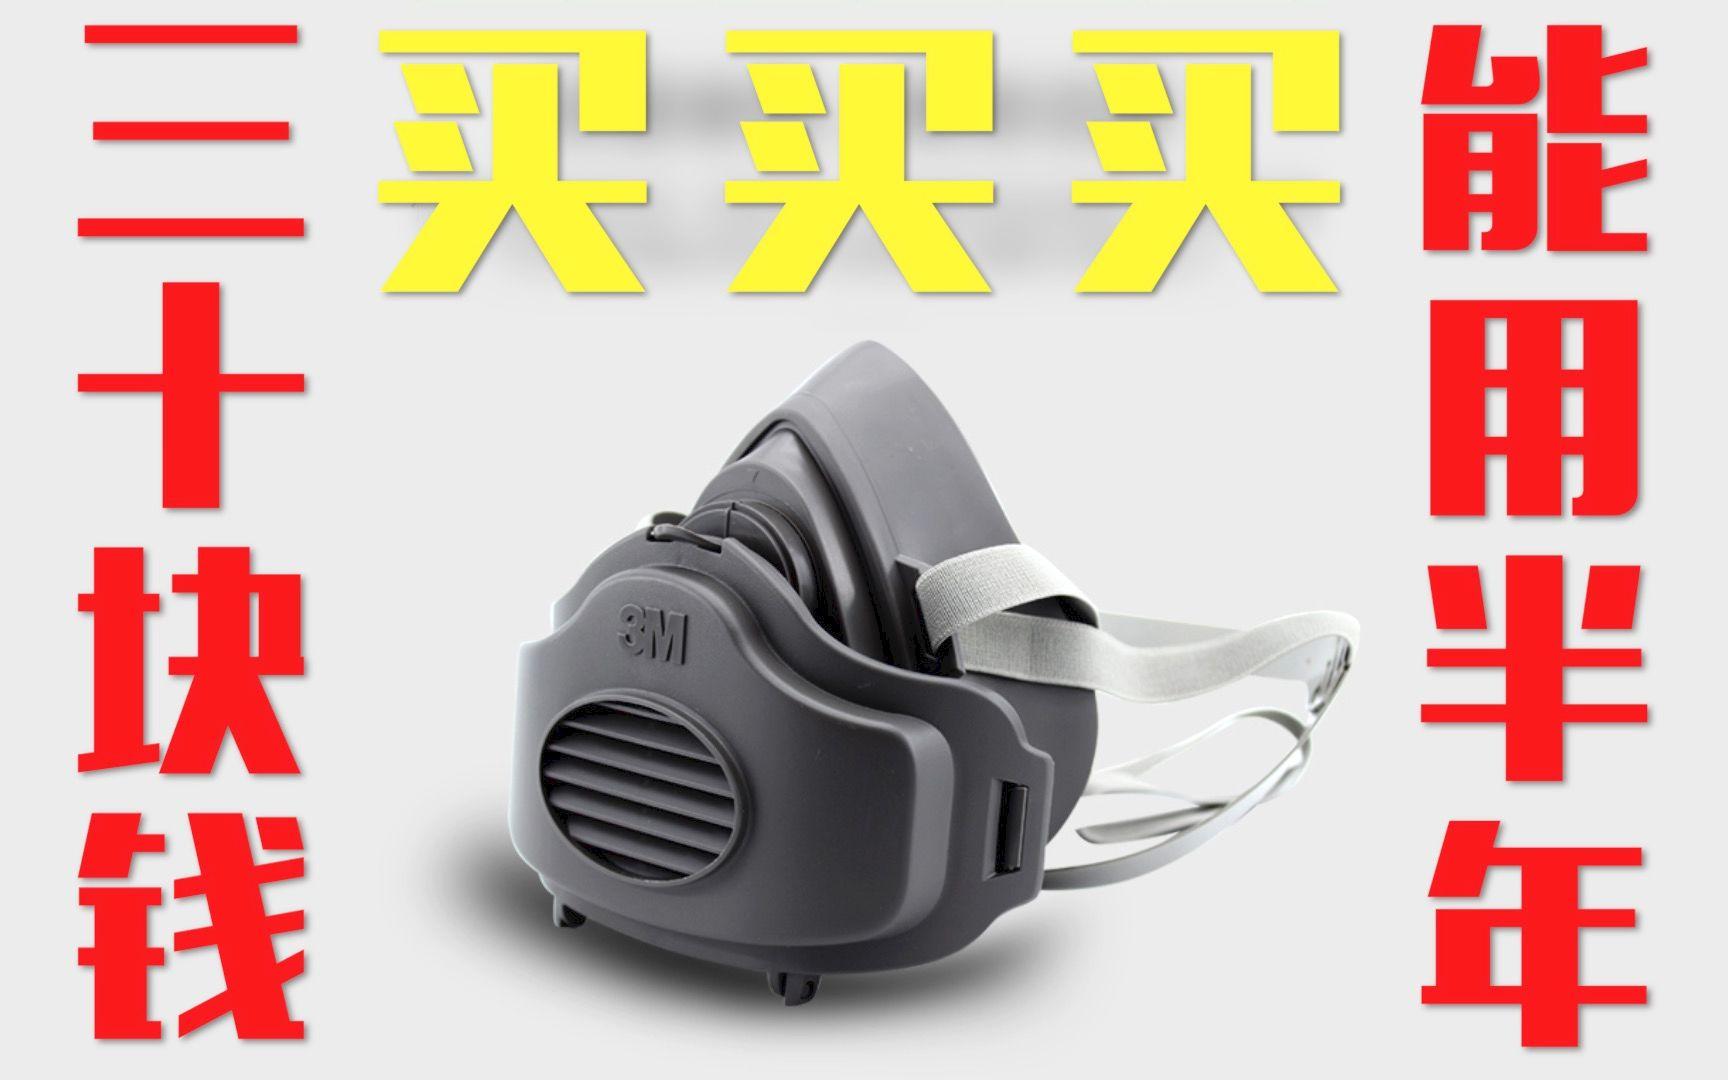 还在买天价n95口罩?防毒面具效果更好!价格是kn95口罩的十分之一 或许能够帮到你  武汉加油